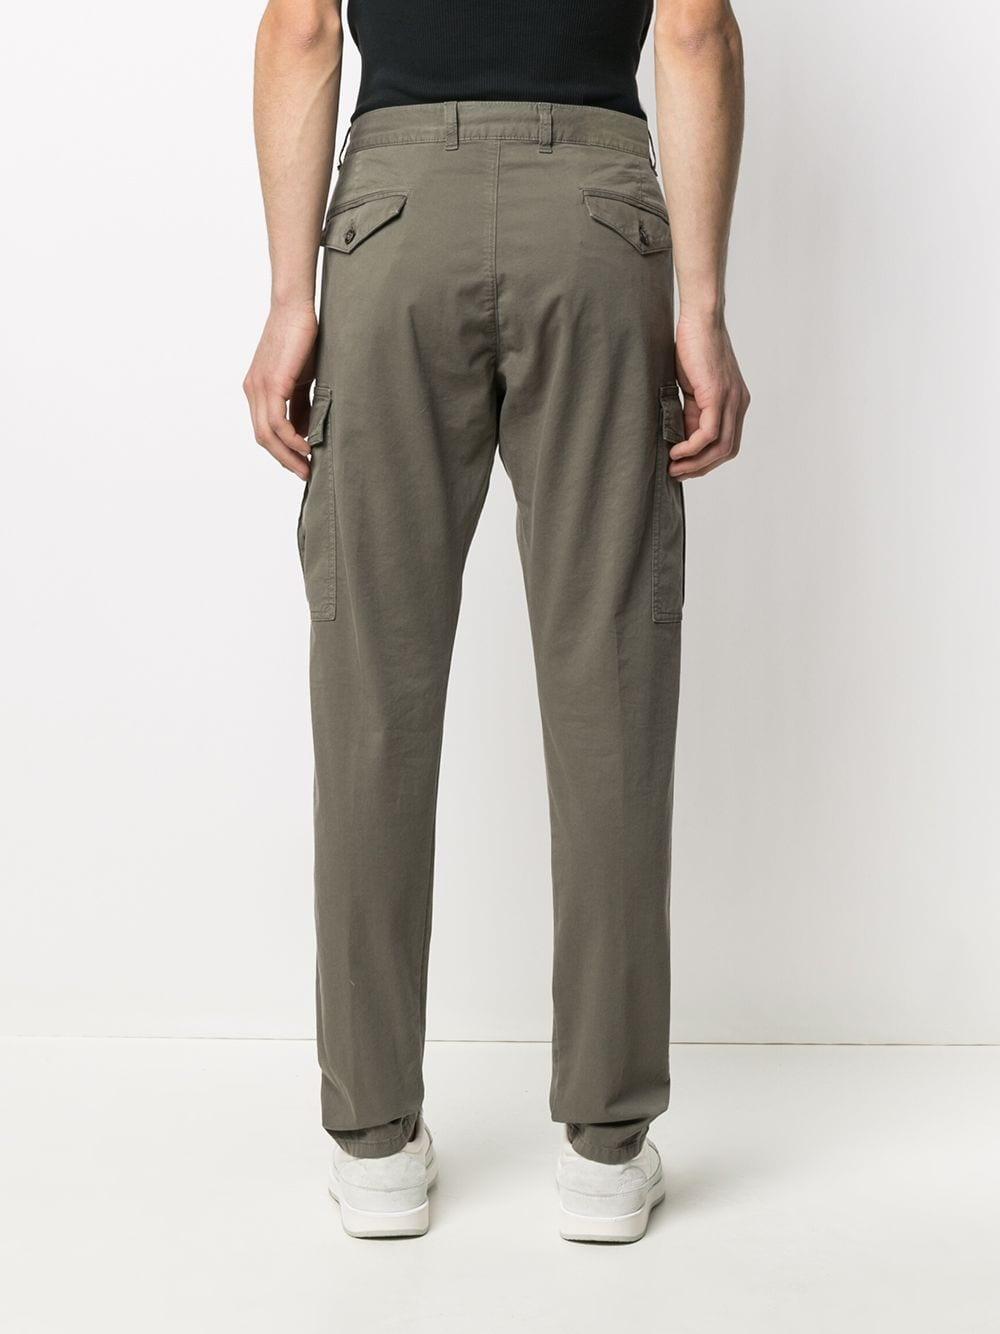 Pantaloni chino slim fit in cotone elasticizzato verde ELEVENTY | Pantaloni | C70PANB05-TET0C00807